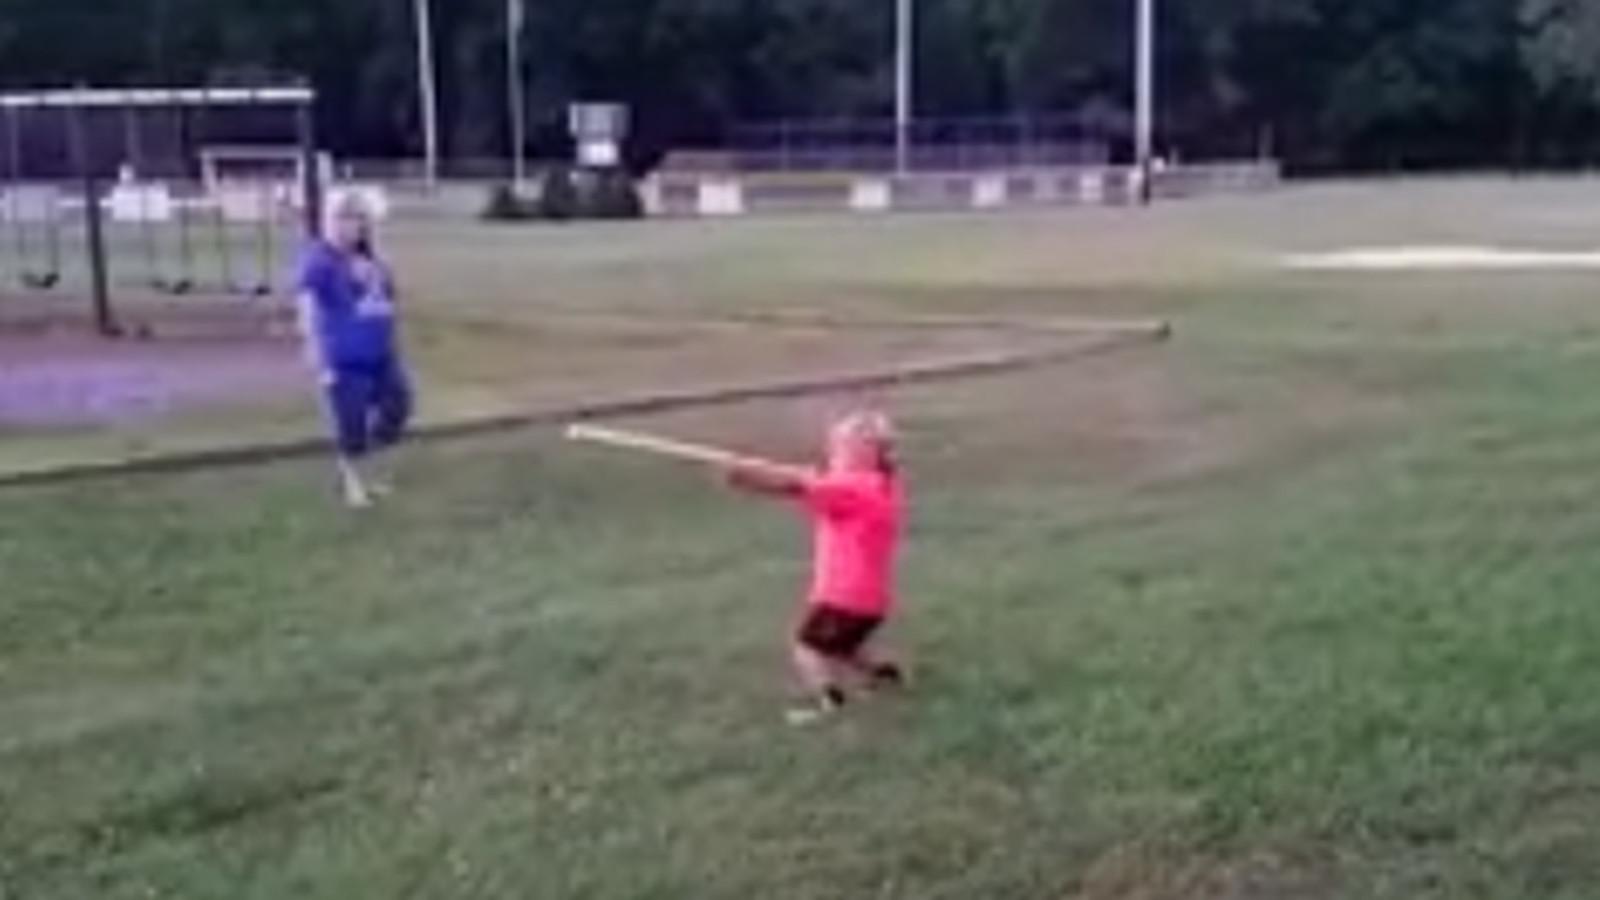 可爱的4岁小孩用枪声啪啪啪啪地叫出来